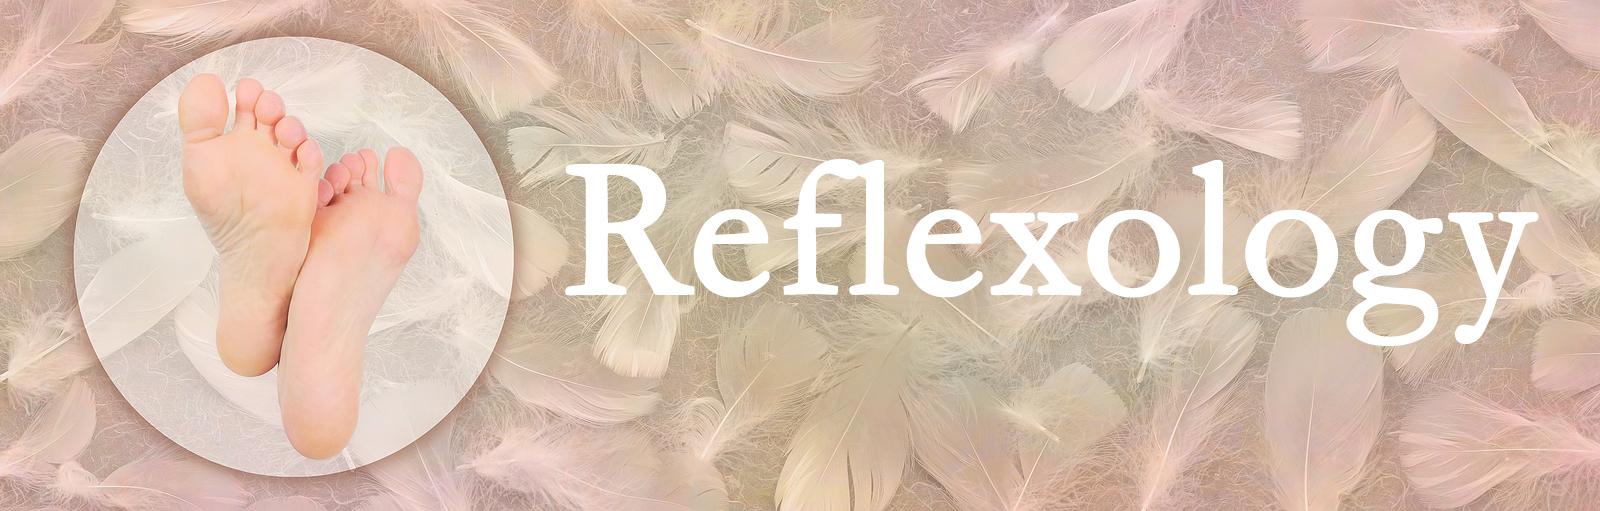 Reflexology Foot Massage Website Banner Head - Circle On Left Co